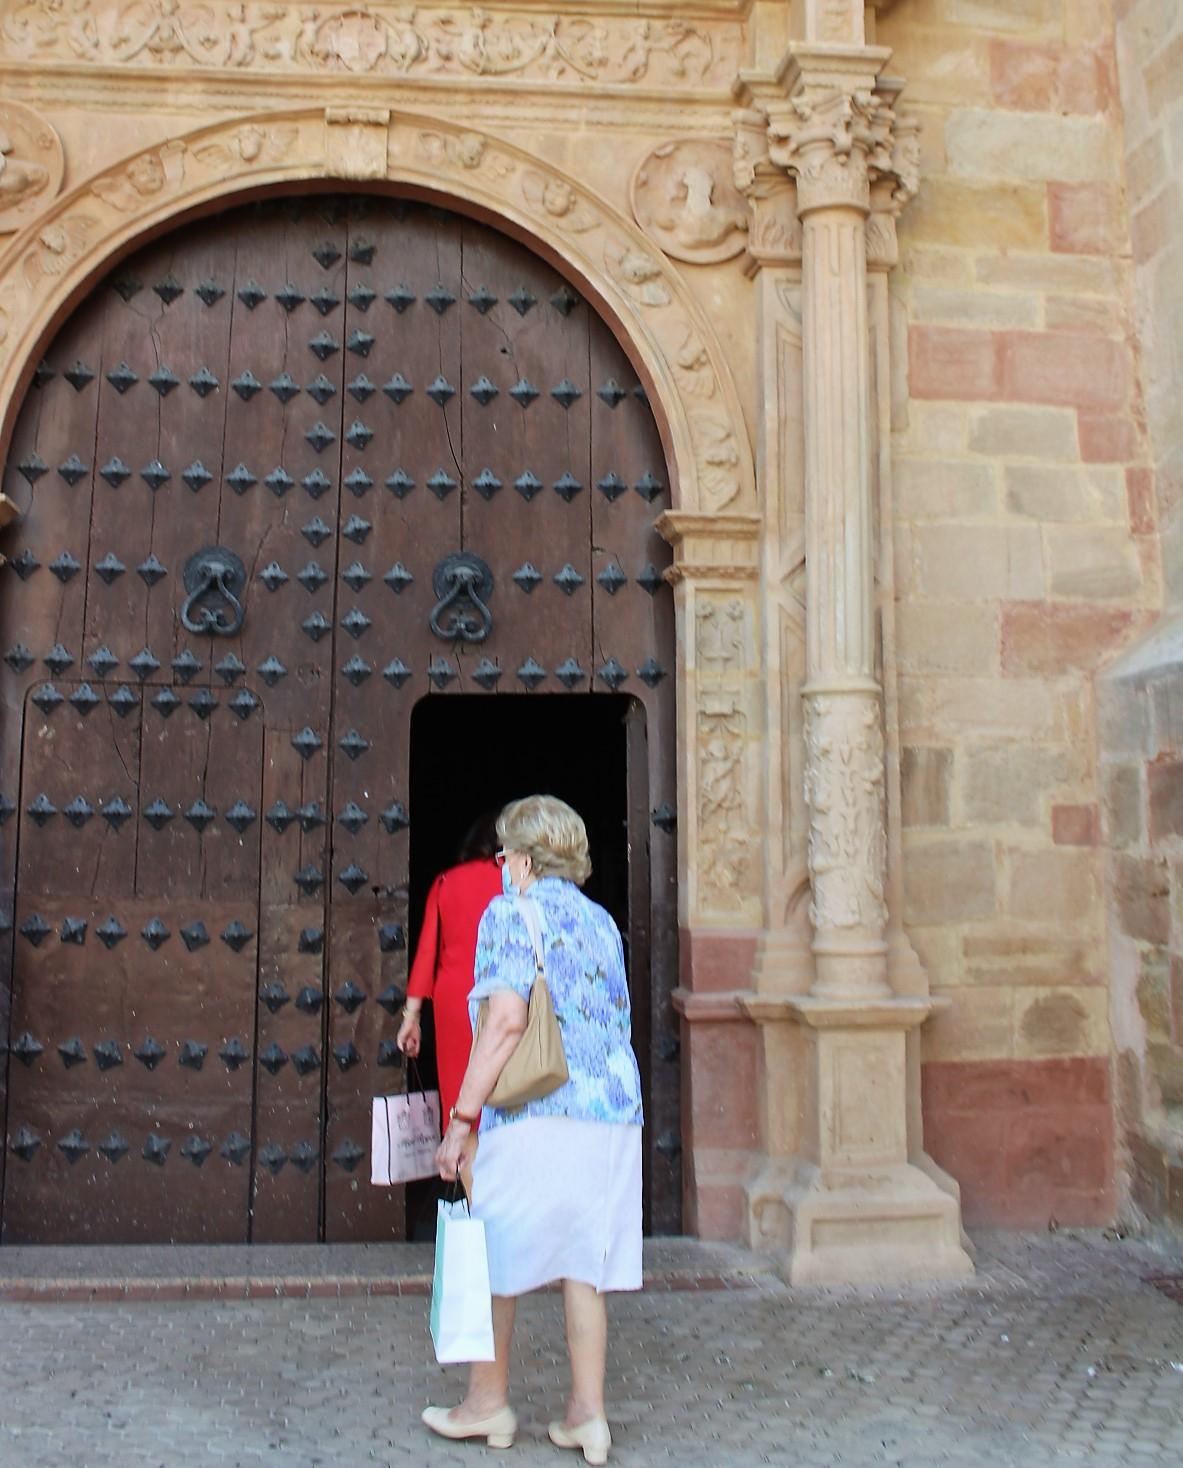 La Asociación Amigos del Patrimonio planea restaurar la portada sur de San Miguel